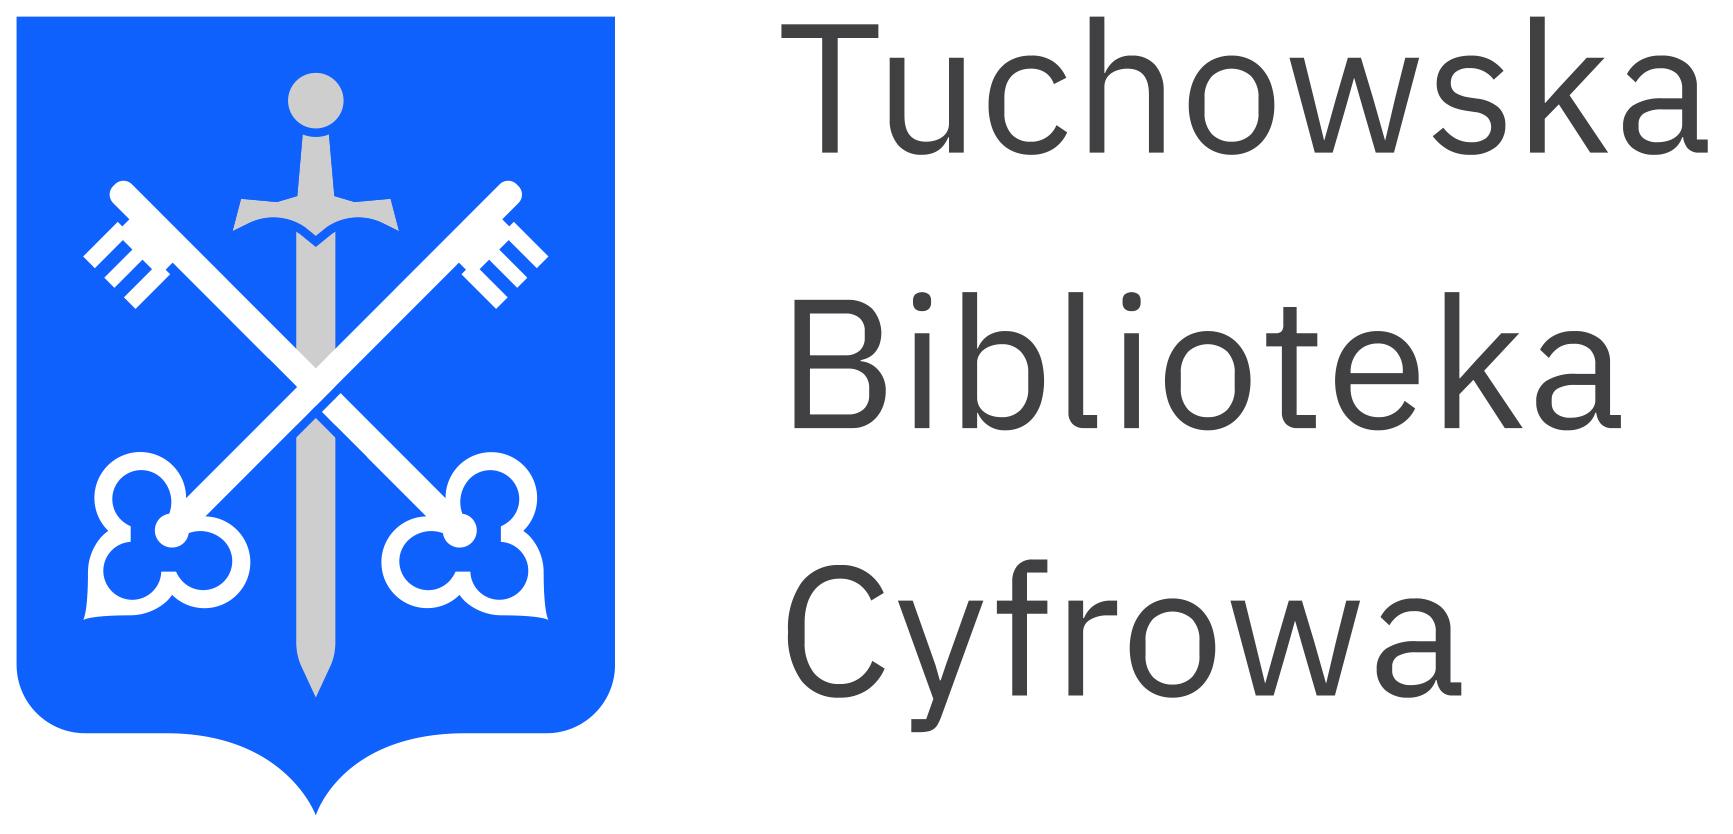 Tuchowska Biblioteka Cyfrowa już jest!